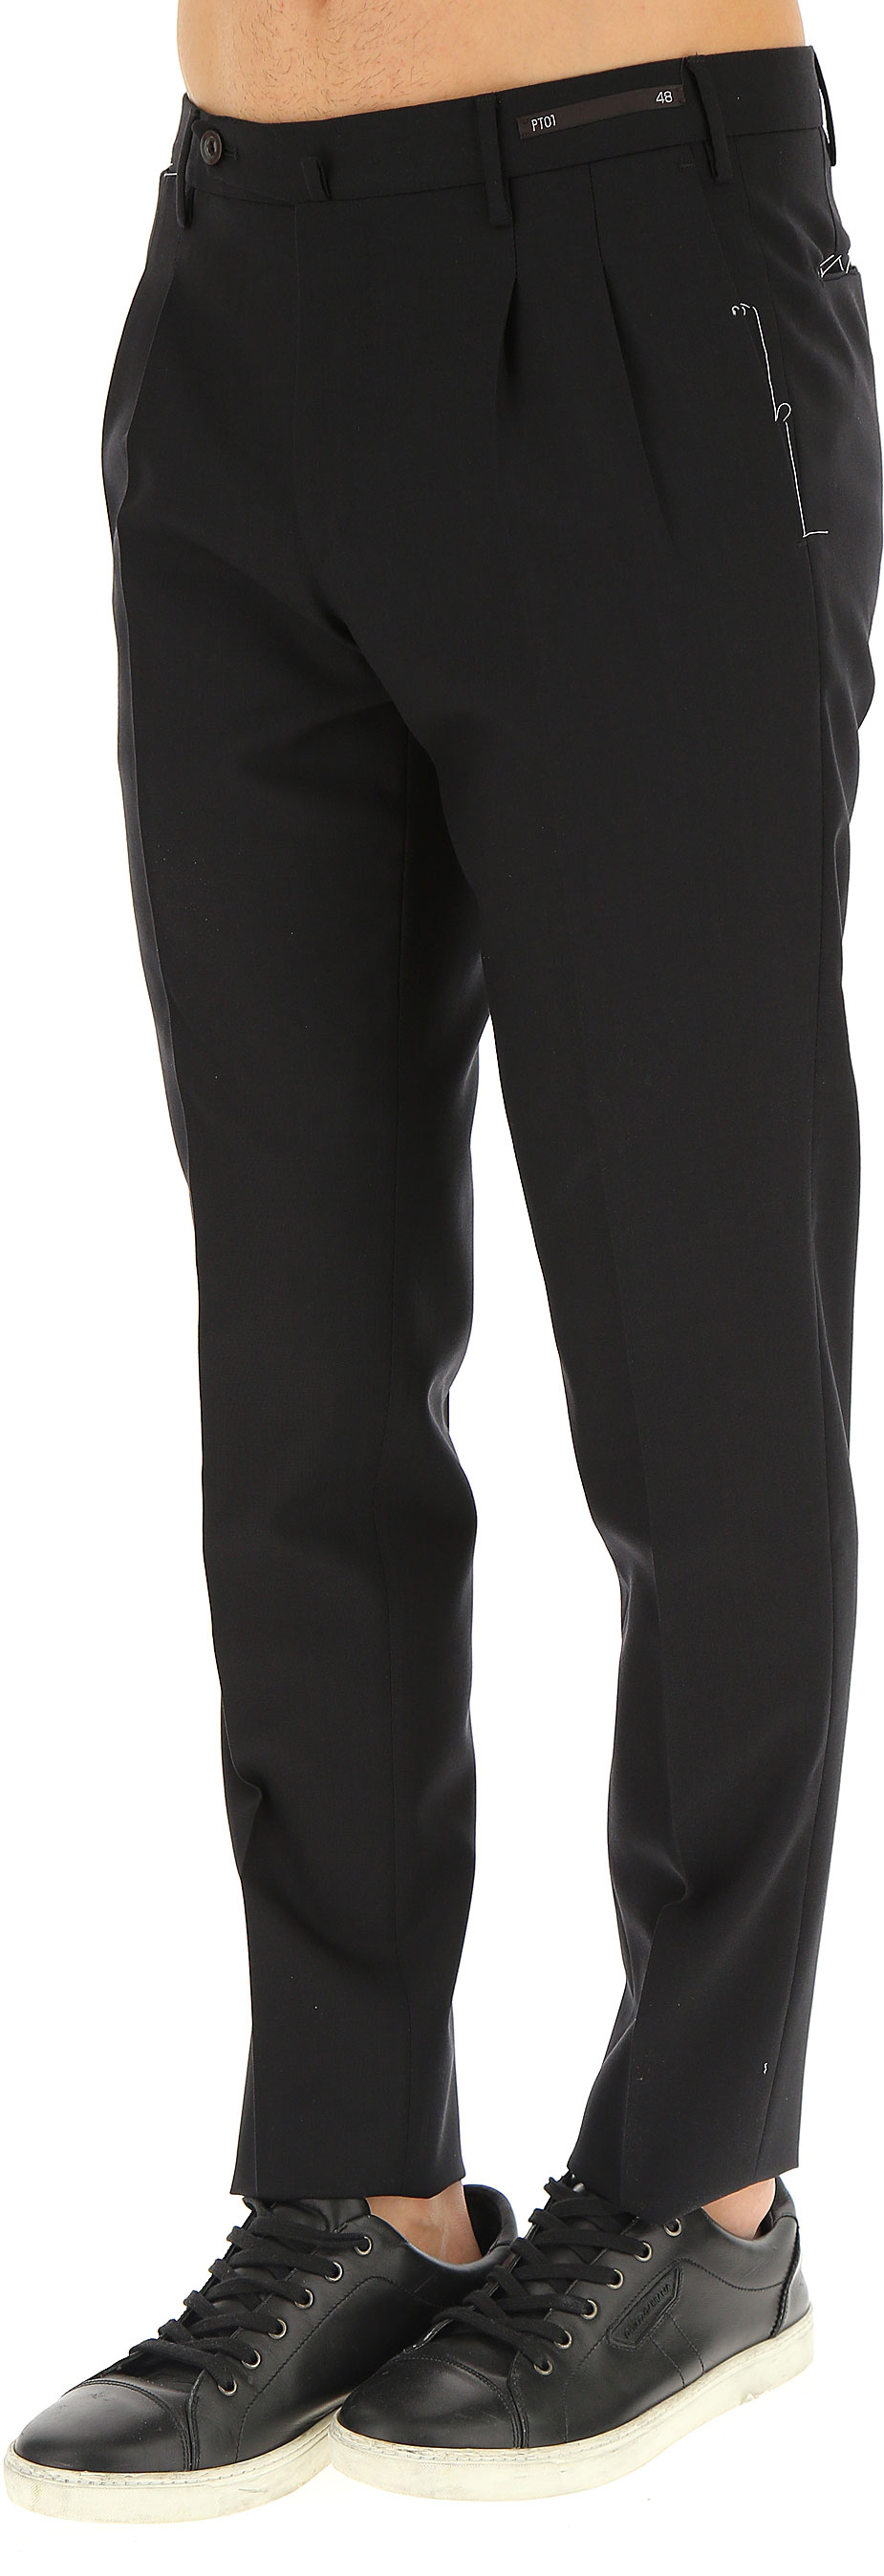 Abbigliamento Uomo Pt01 Codice Articolo Mz22-0990-